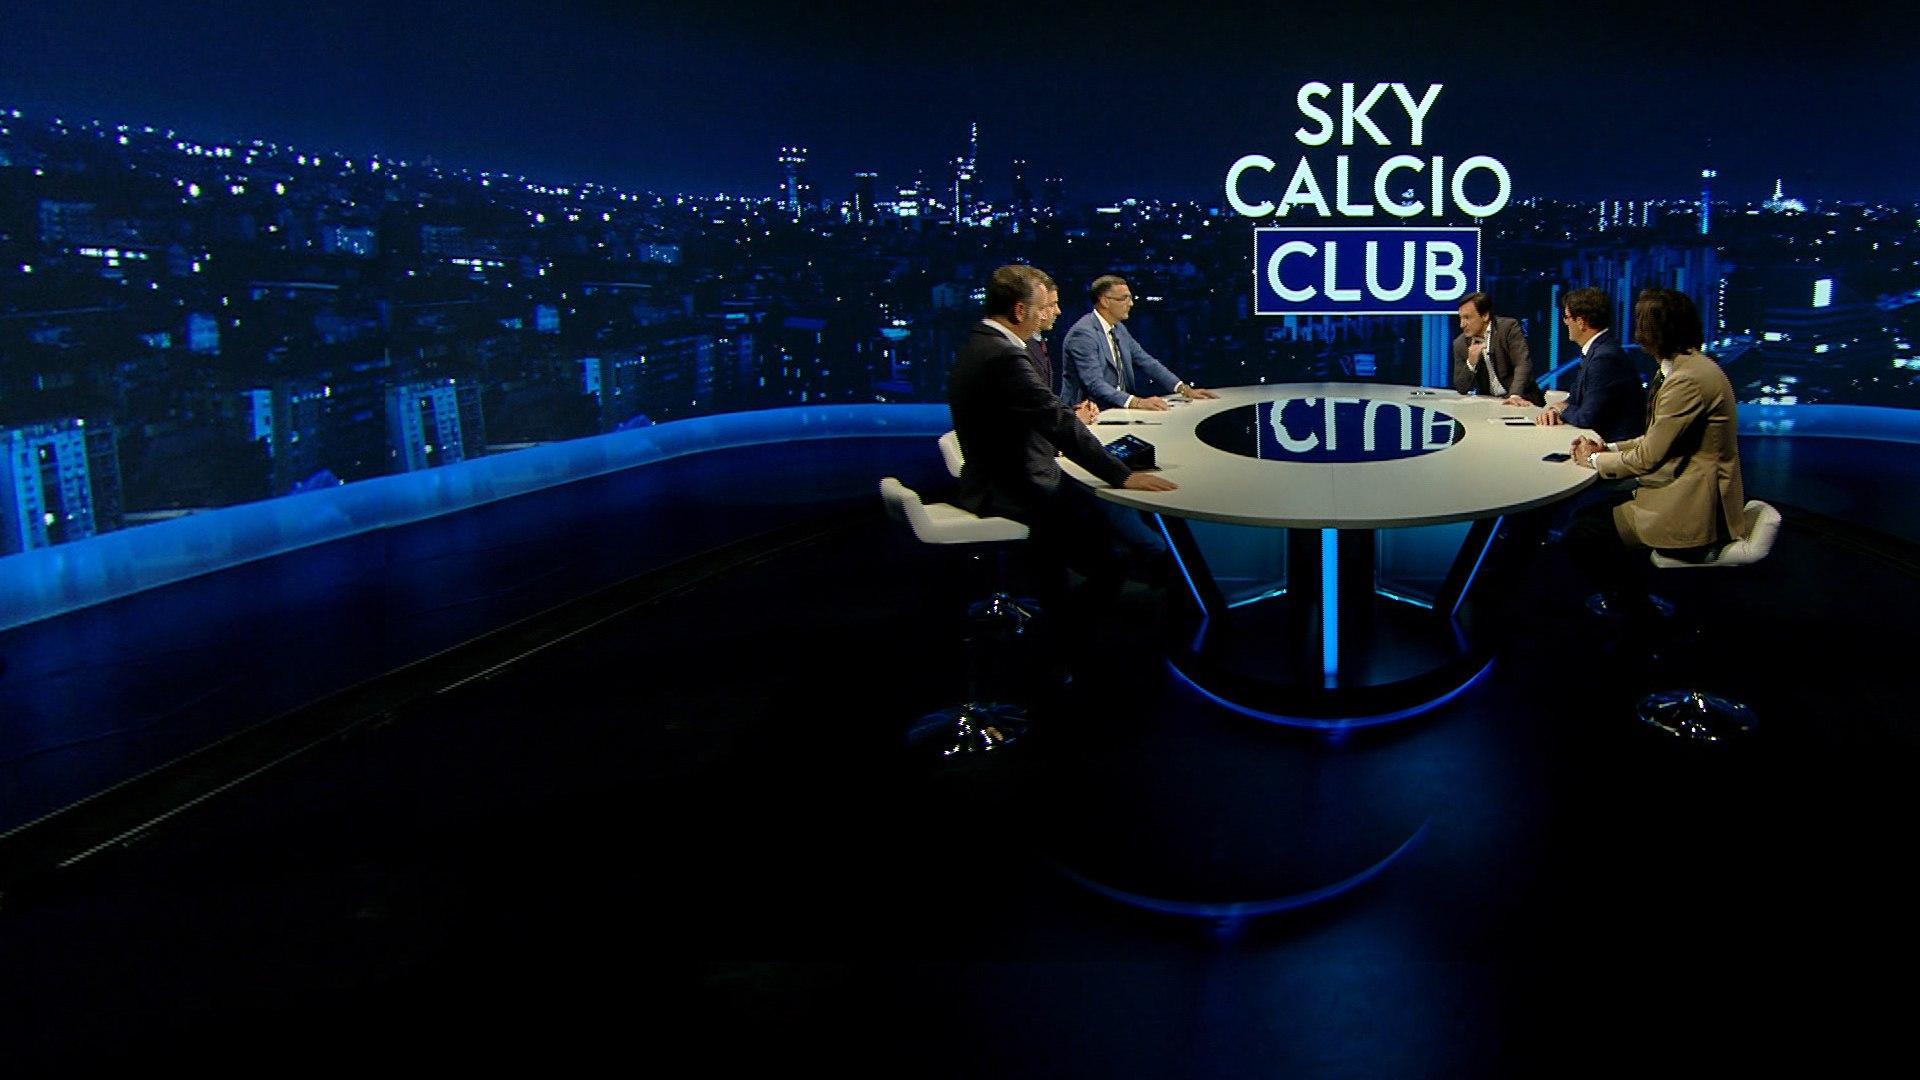 Sky Sport Uno Sky Calcio Club 2a parte   (diretta)